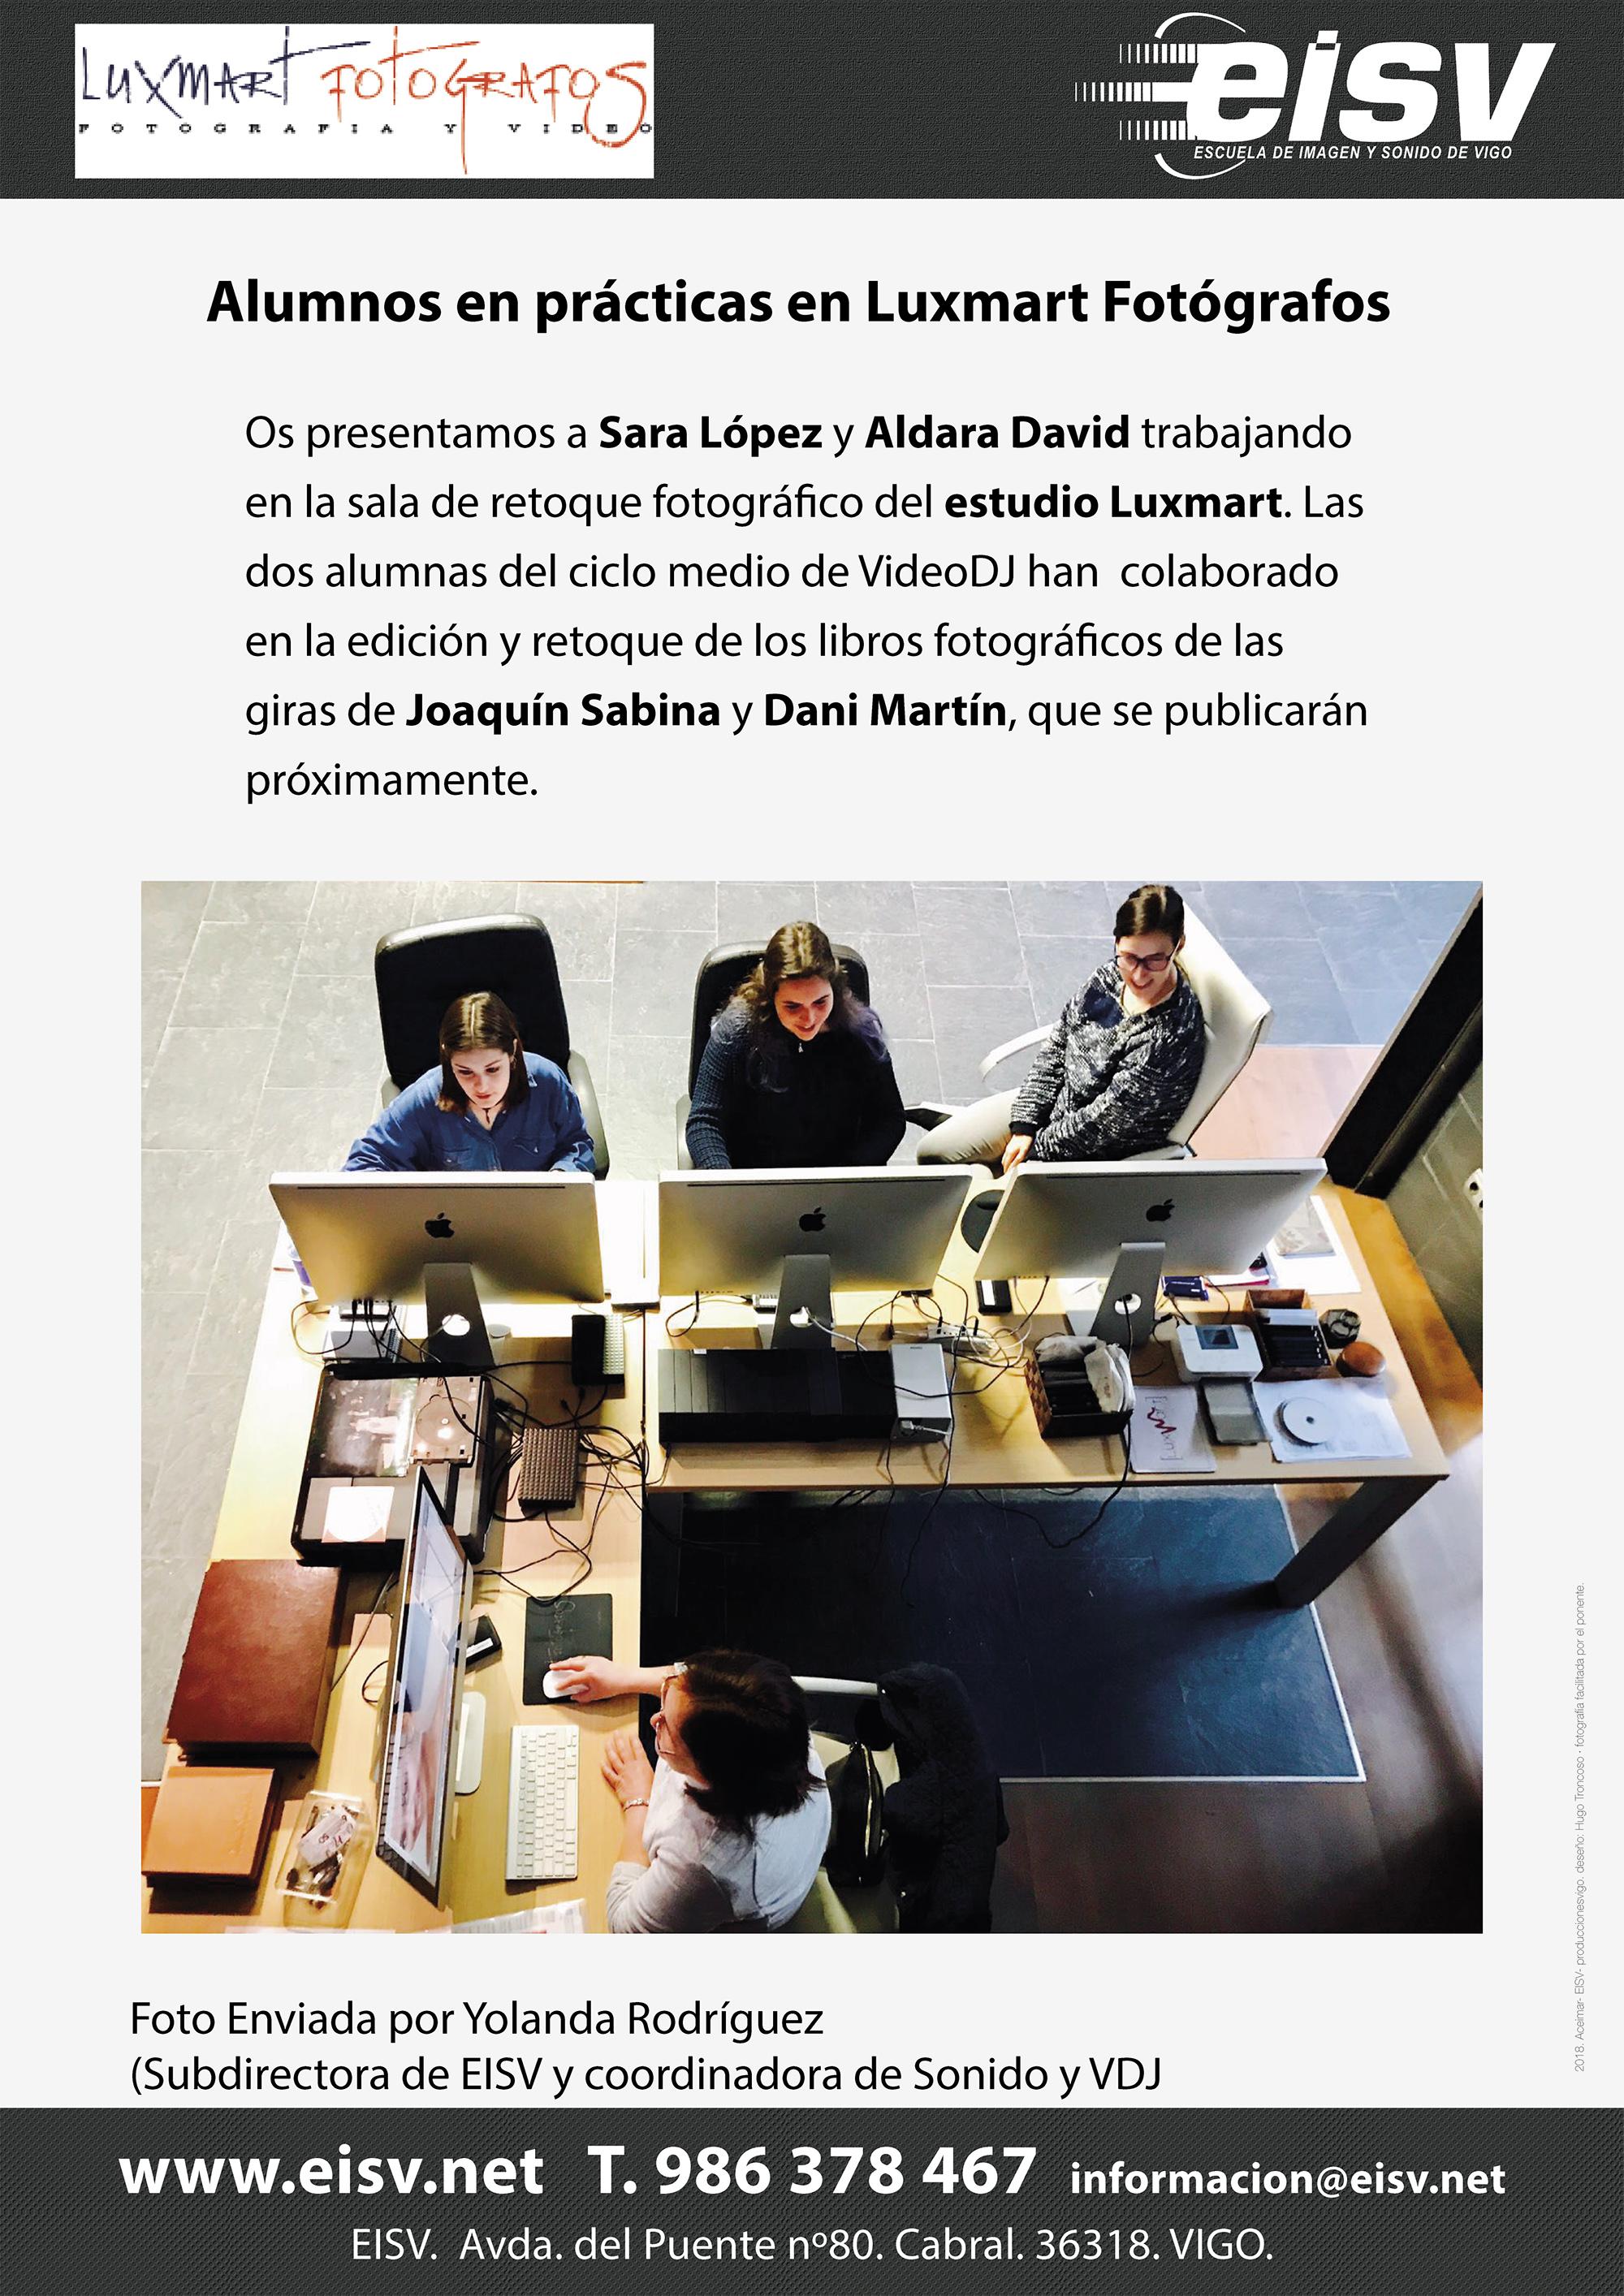 Sara López y Aldara David practicas FCT empresa Luxmart Fotógrafos